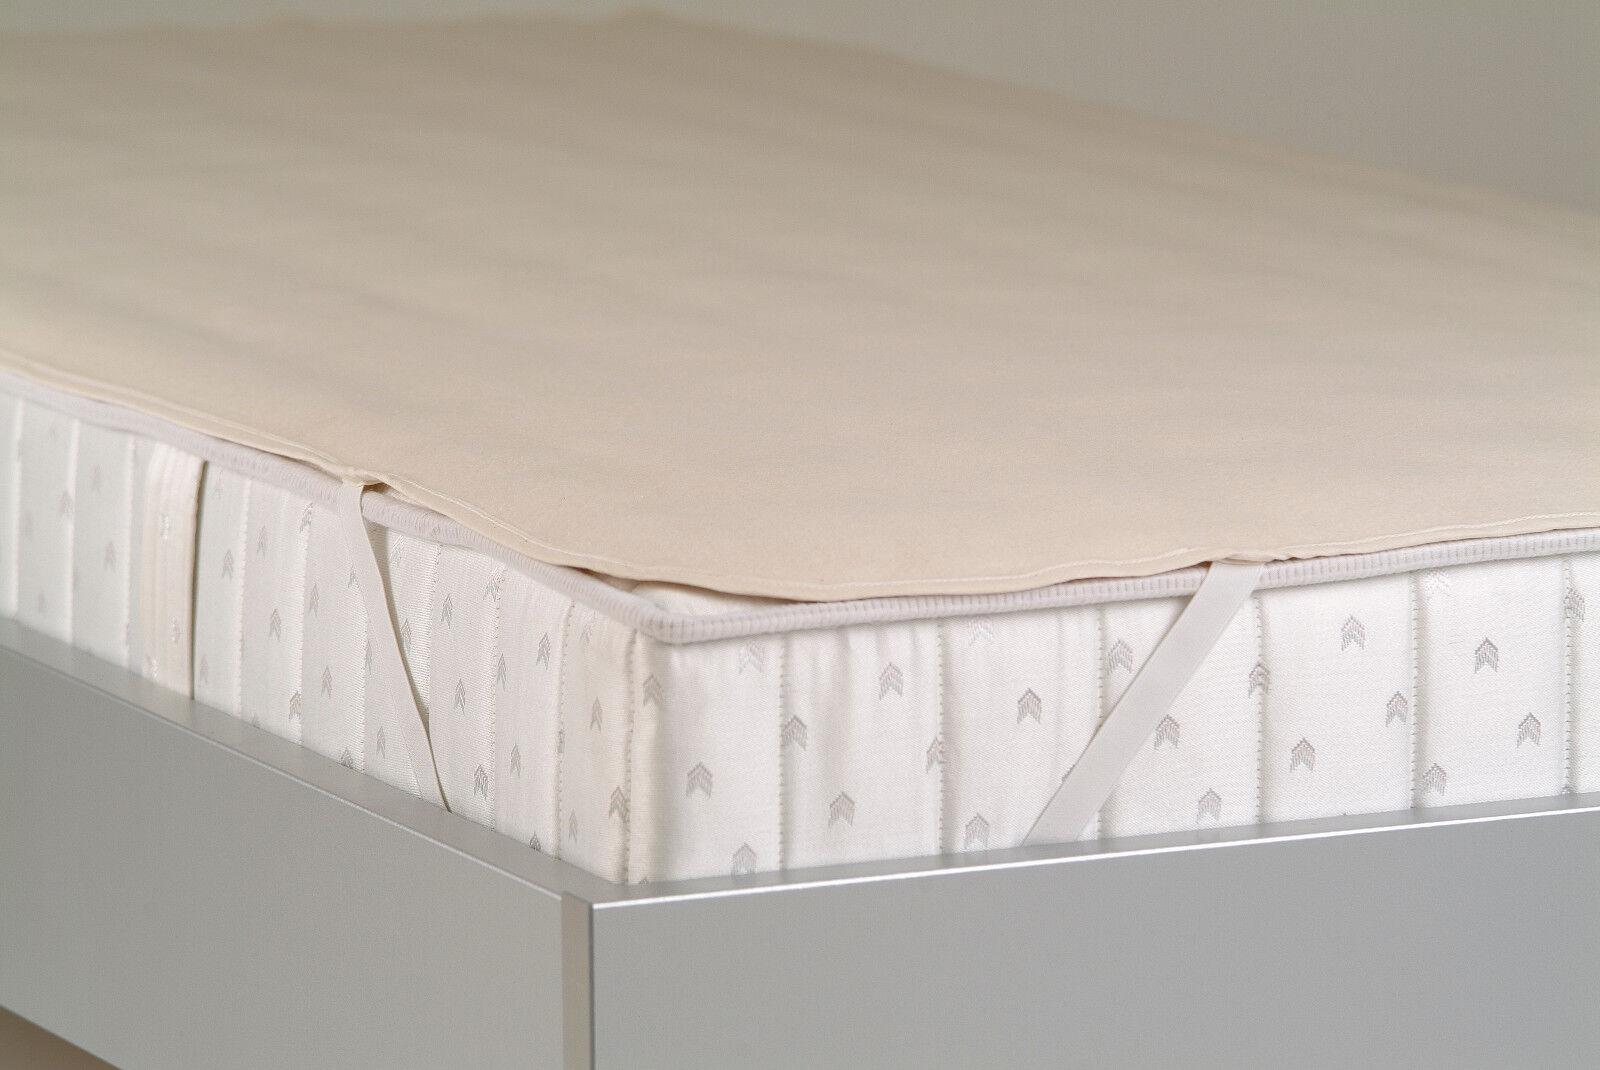 Matratzenauflage, Molton 200 x 220 cm, Matratzenschoner, deutsches Produkt